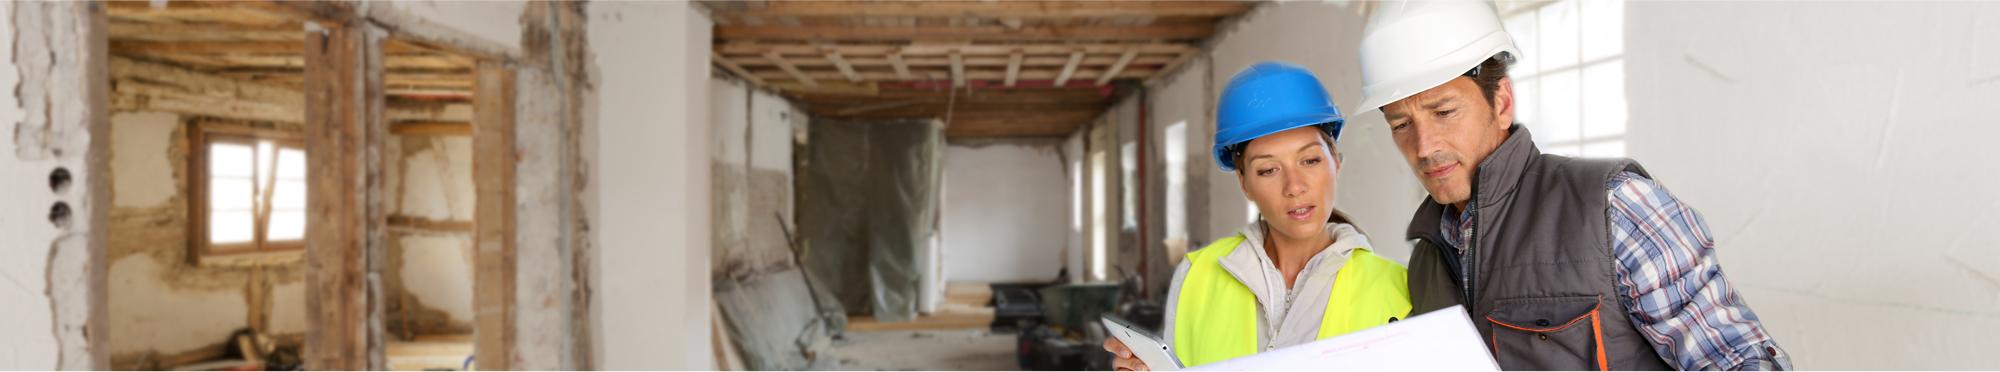 diagnostic immobilier montm lian 73800 ab diagnostic. Black Bedroom Furniture Sets. Home Design Ideas